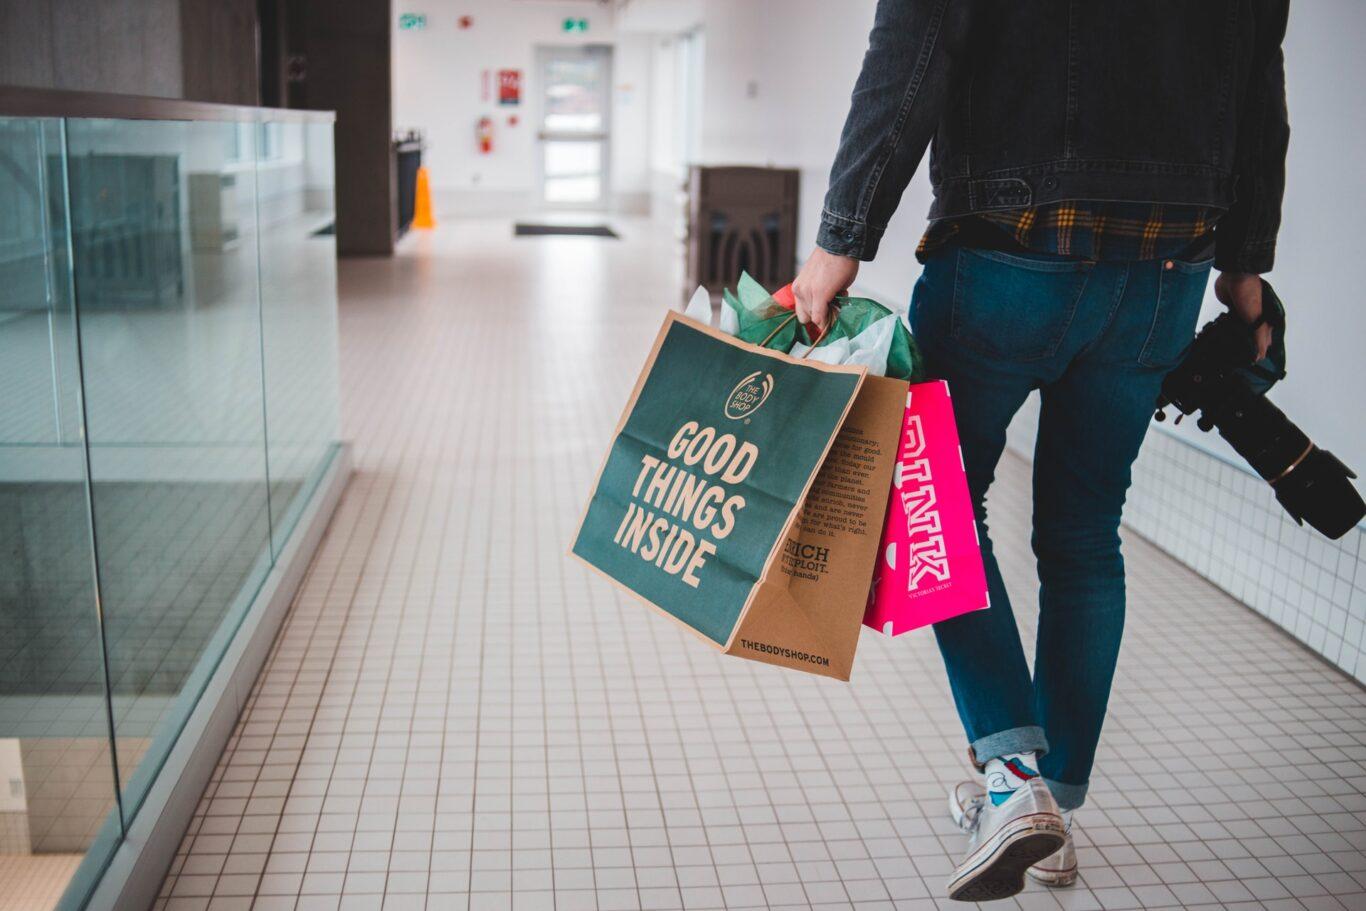 ψώνια με το φίλο σας